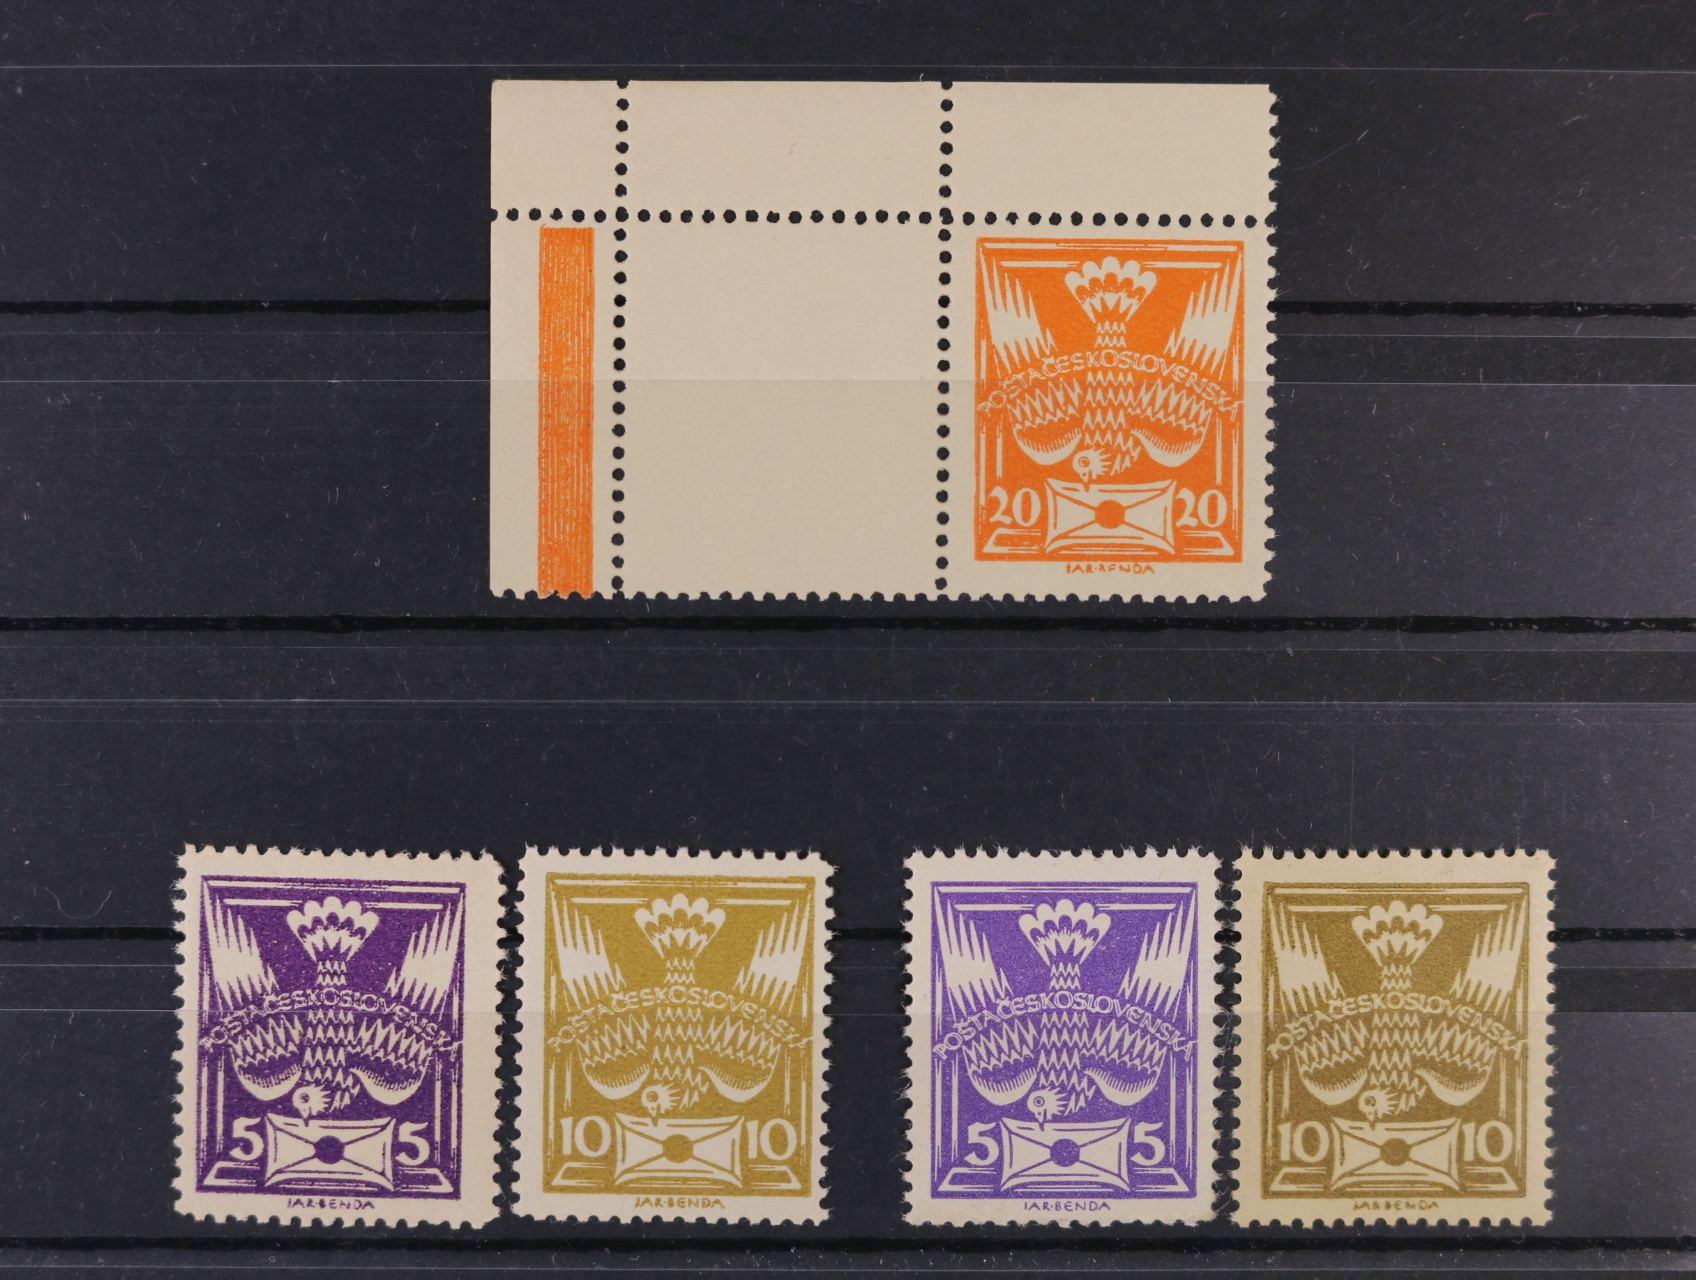 zn. č. 144 B + 146 B, 144 C + 146 C - ležmý hřeben,  zn. 148 B - levý horní roh. kus s kuponem, zk. Gilbert, Karásek, kat. cena 2500 Kč